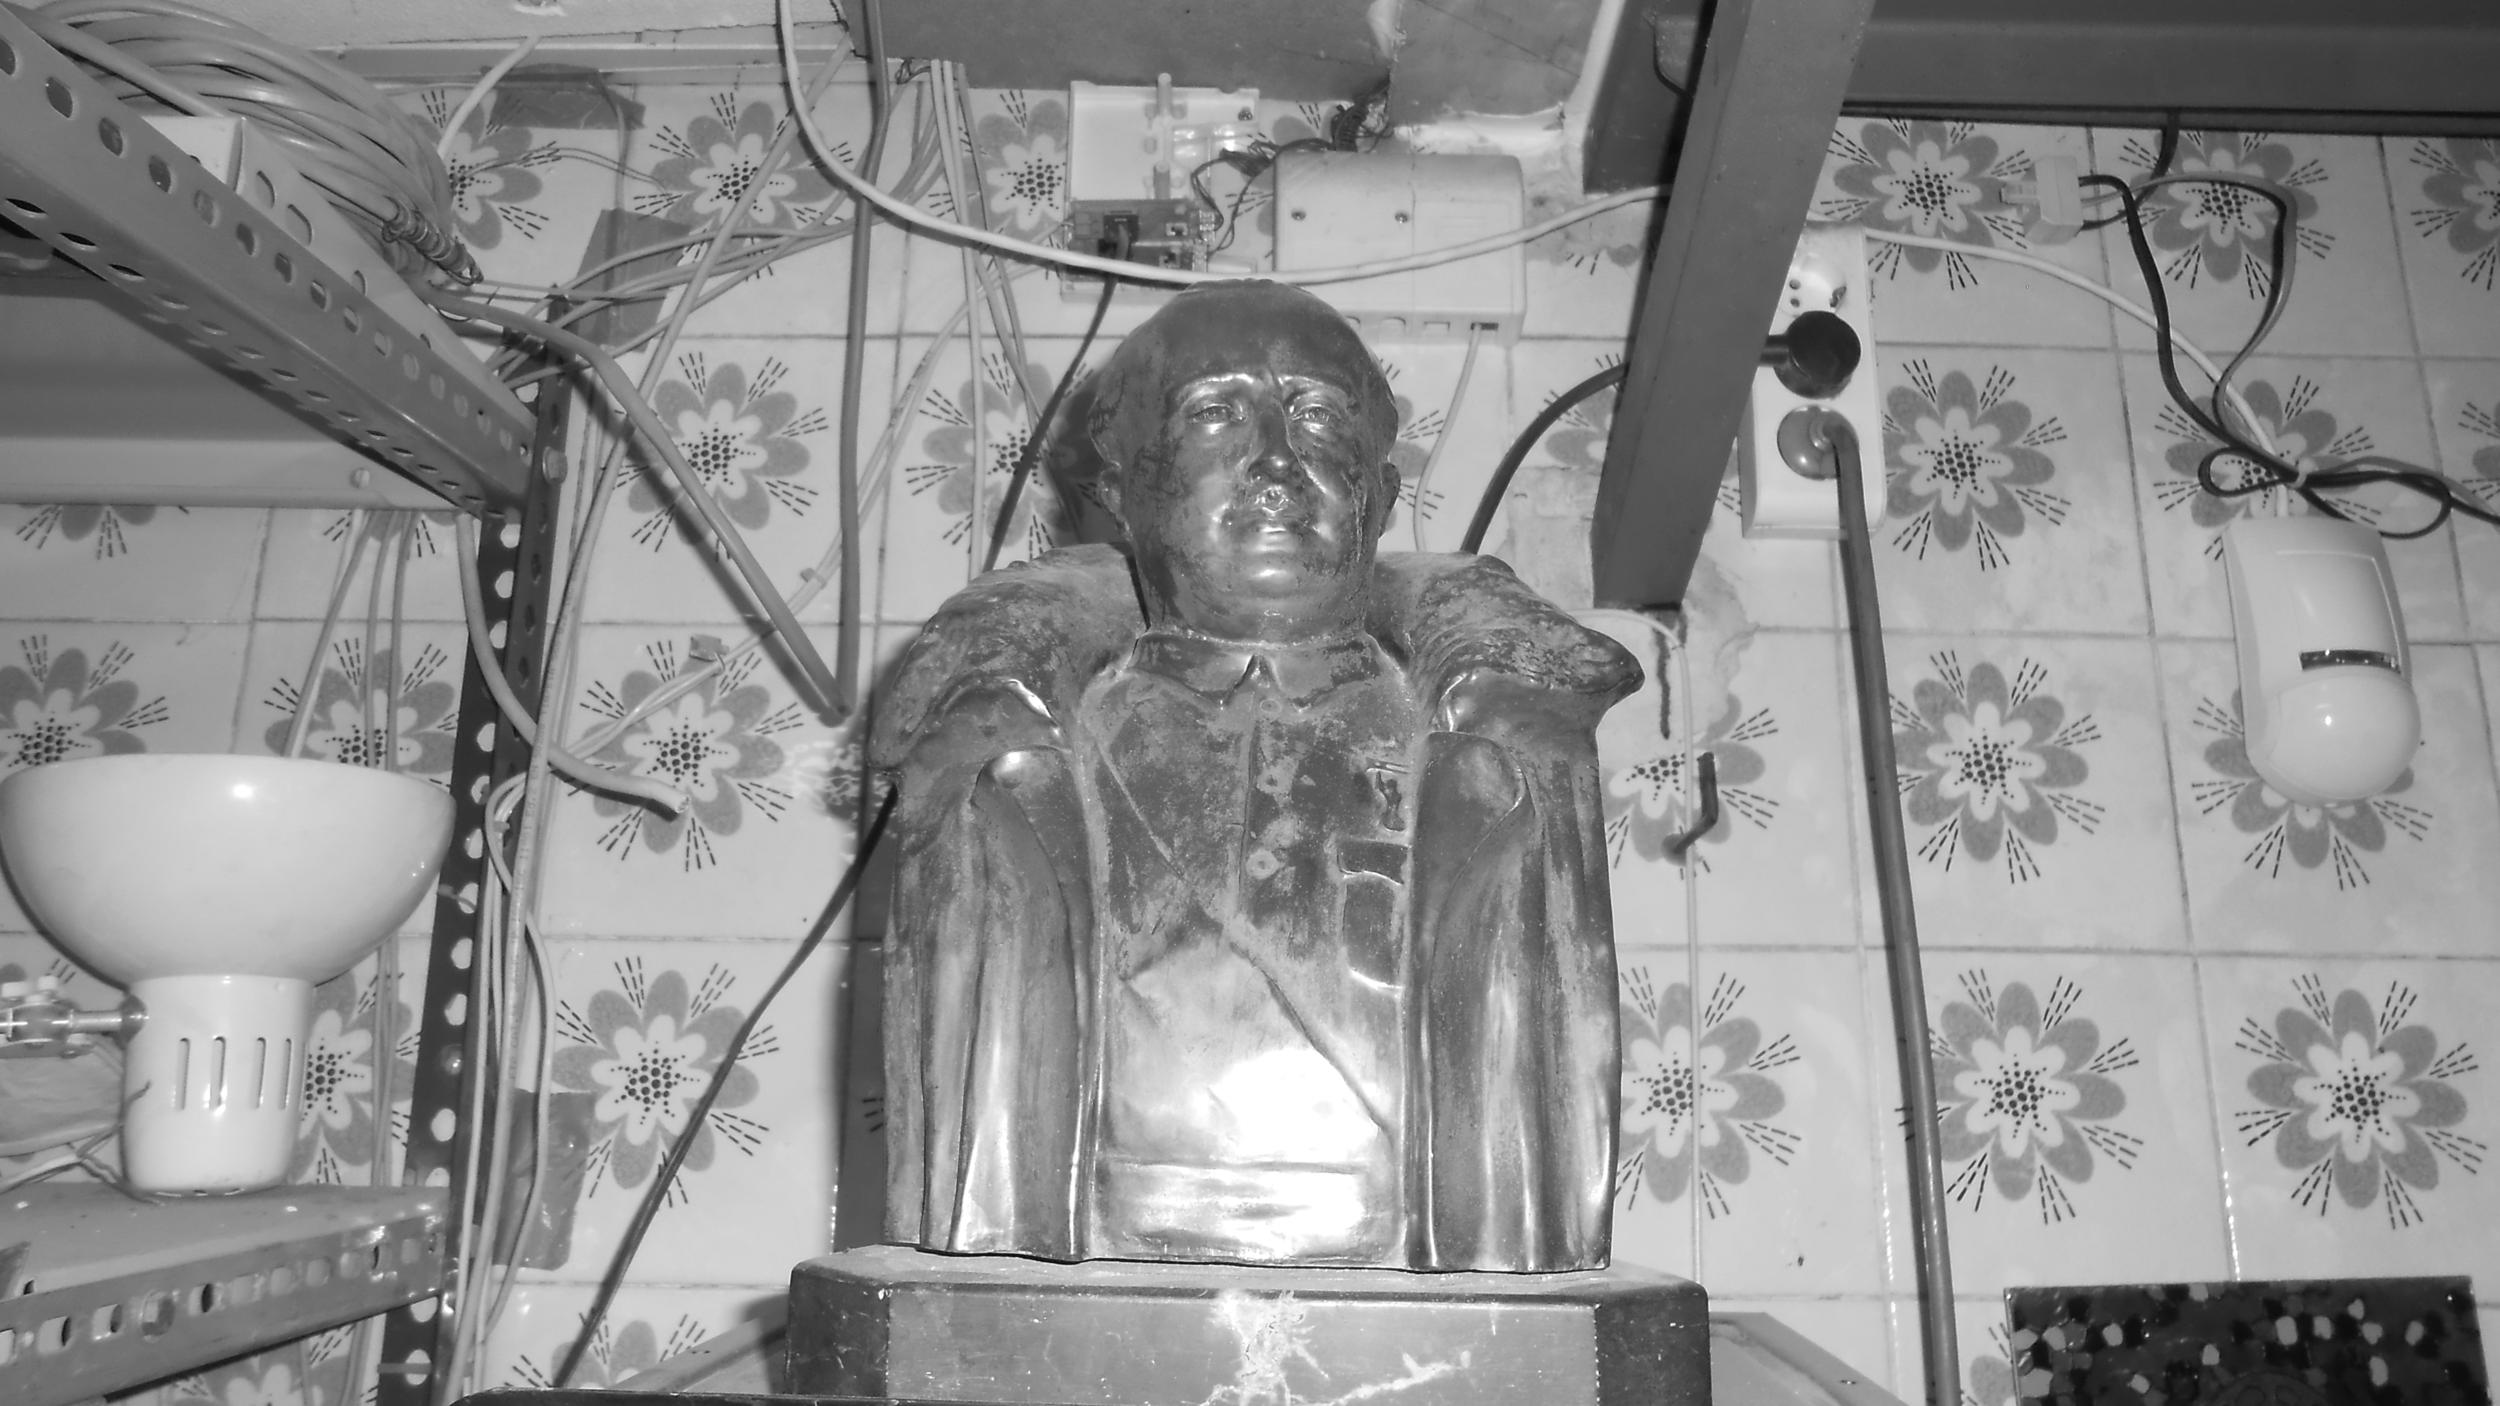 Imaginería y figuras de Franco o Mussolini se reparten por el gigantesco local